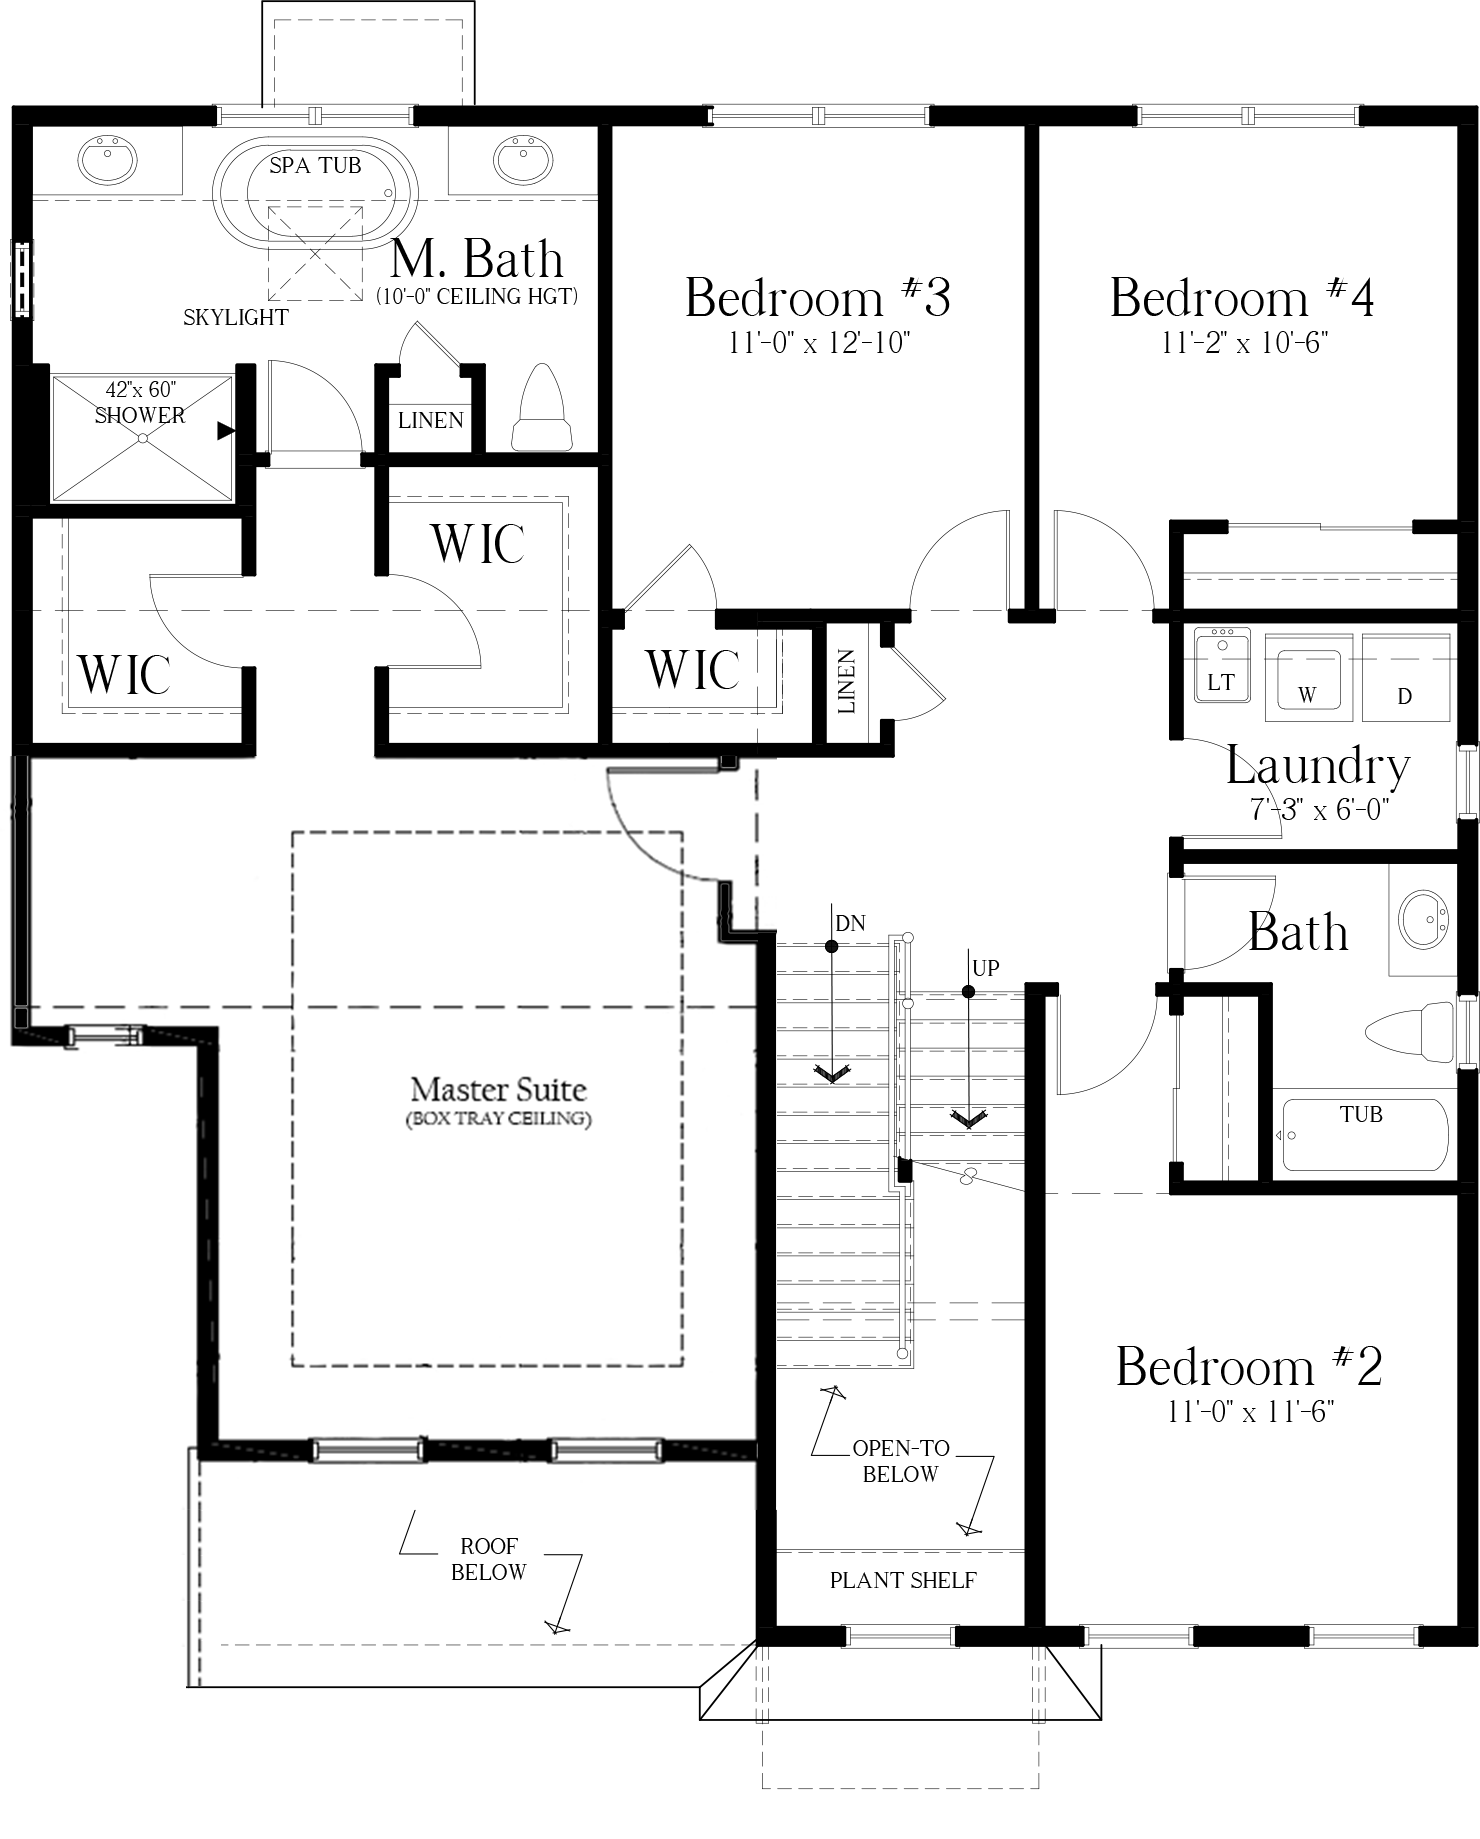 Oversized 1-Car Garage Full Plan 2nd floor